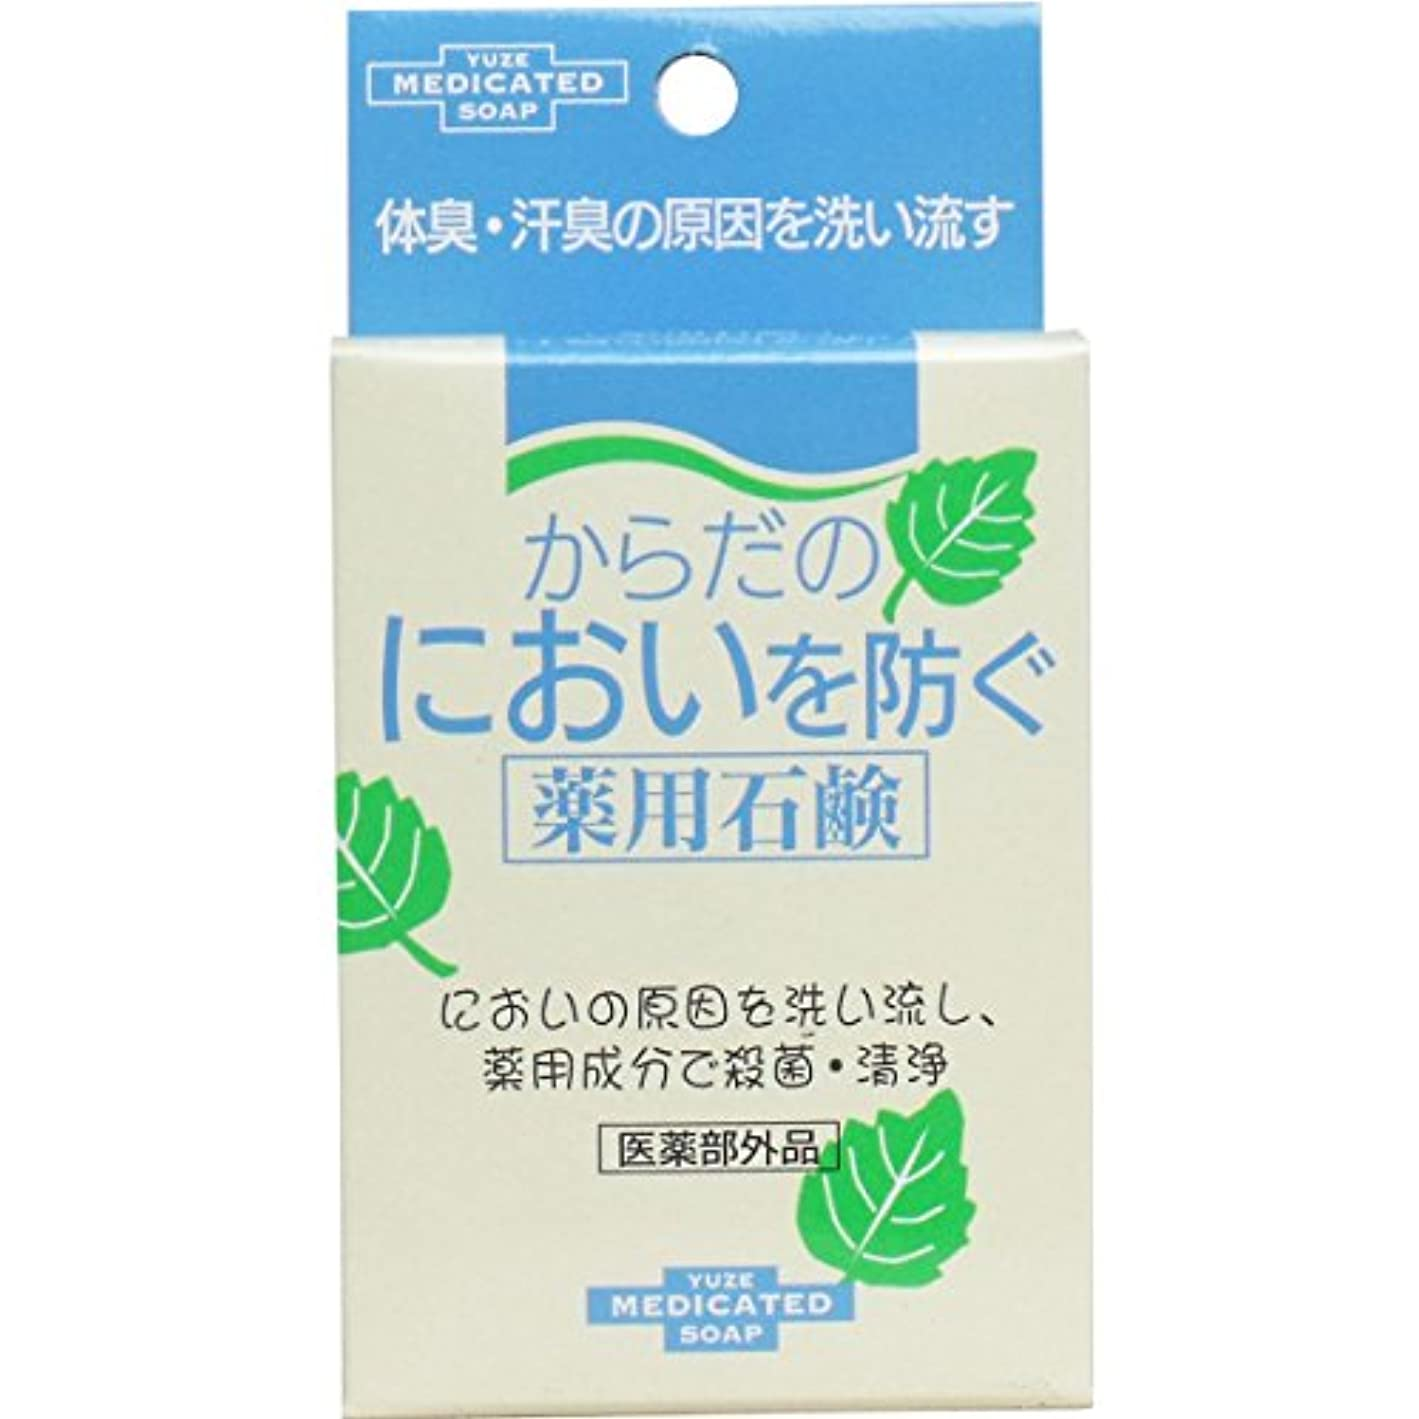 敬礼リード月からだのにおいを防ぐ薬用石鹸 110g